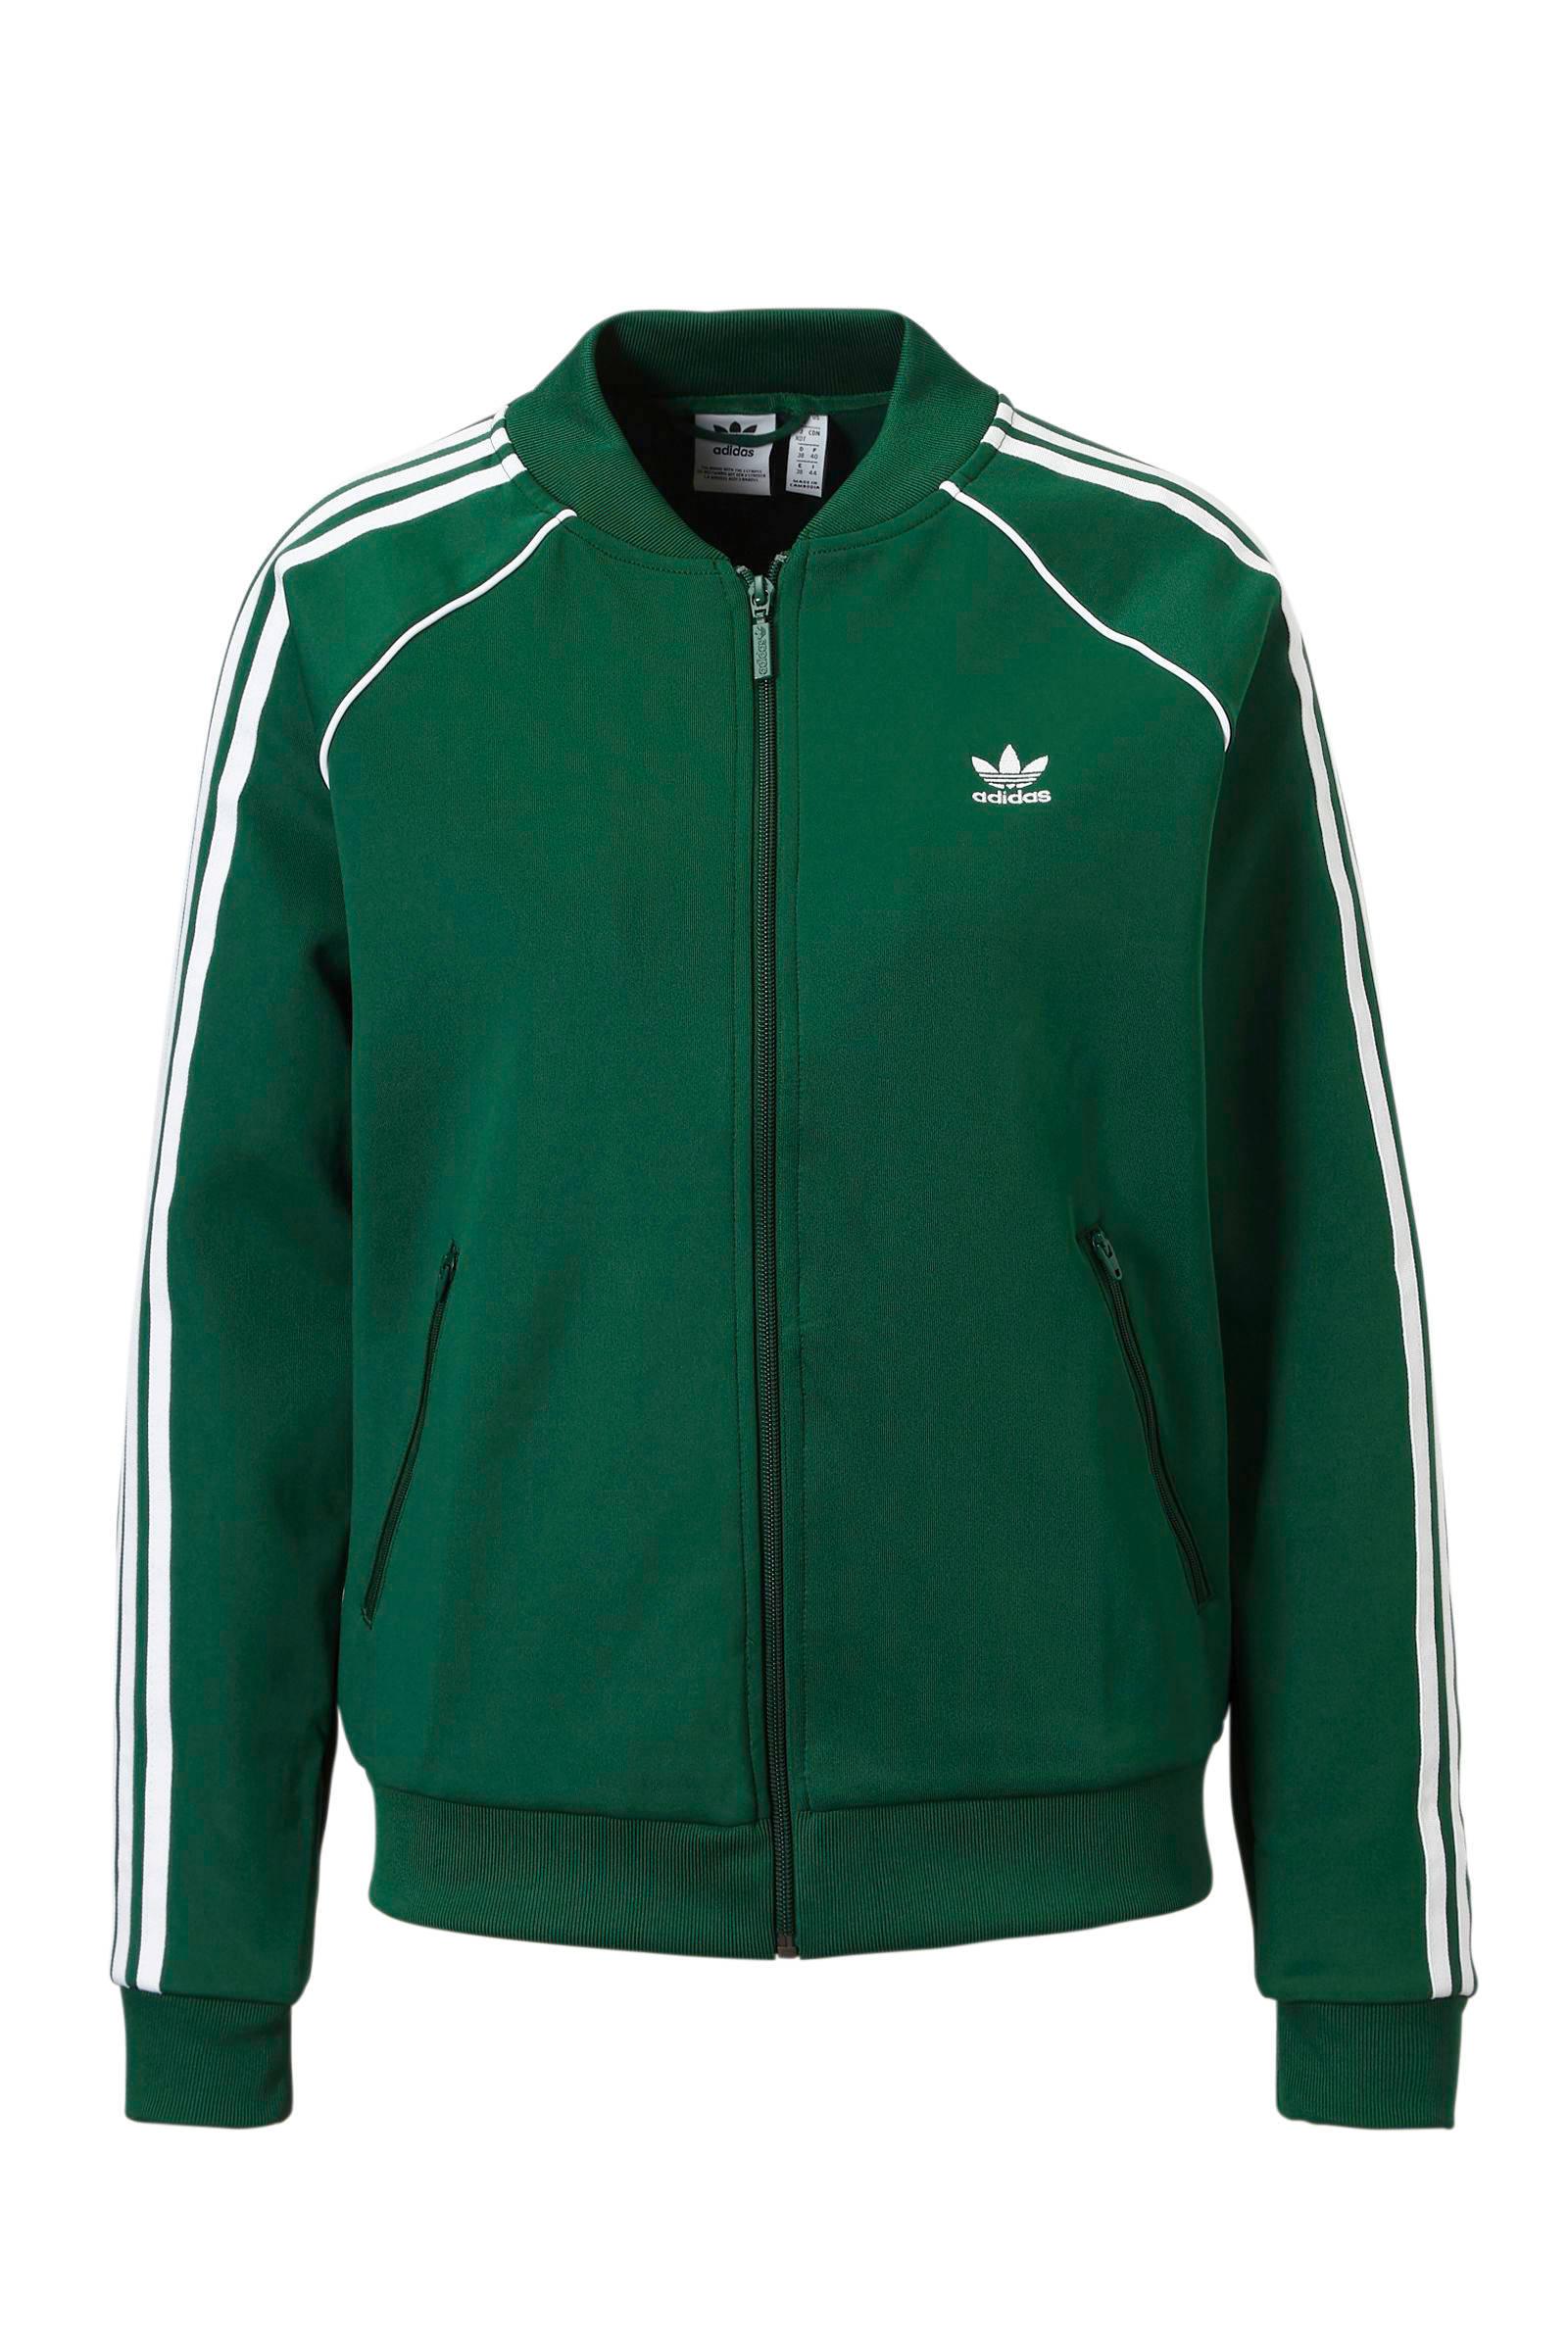 adidas Originals vest groen | wehkamp